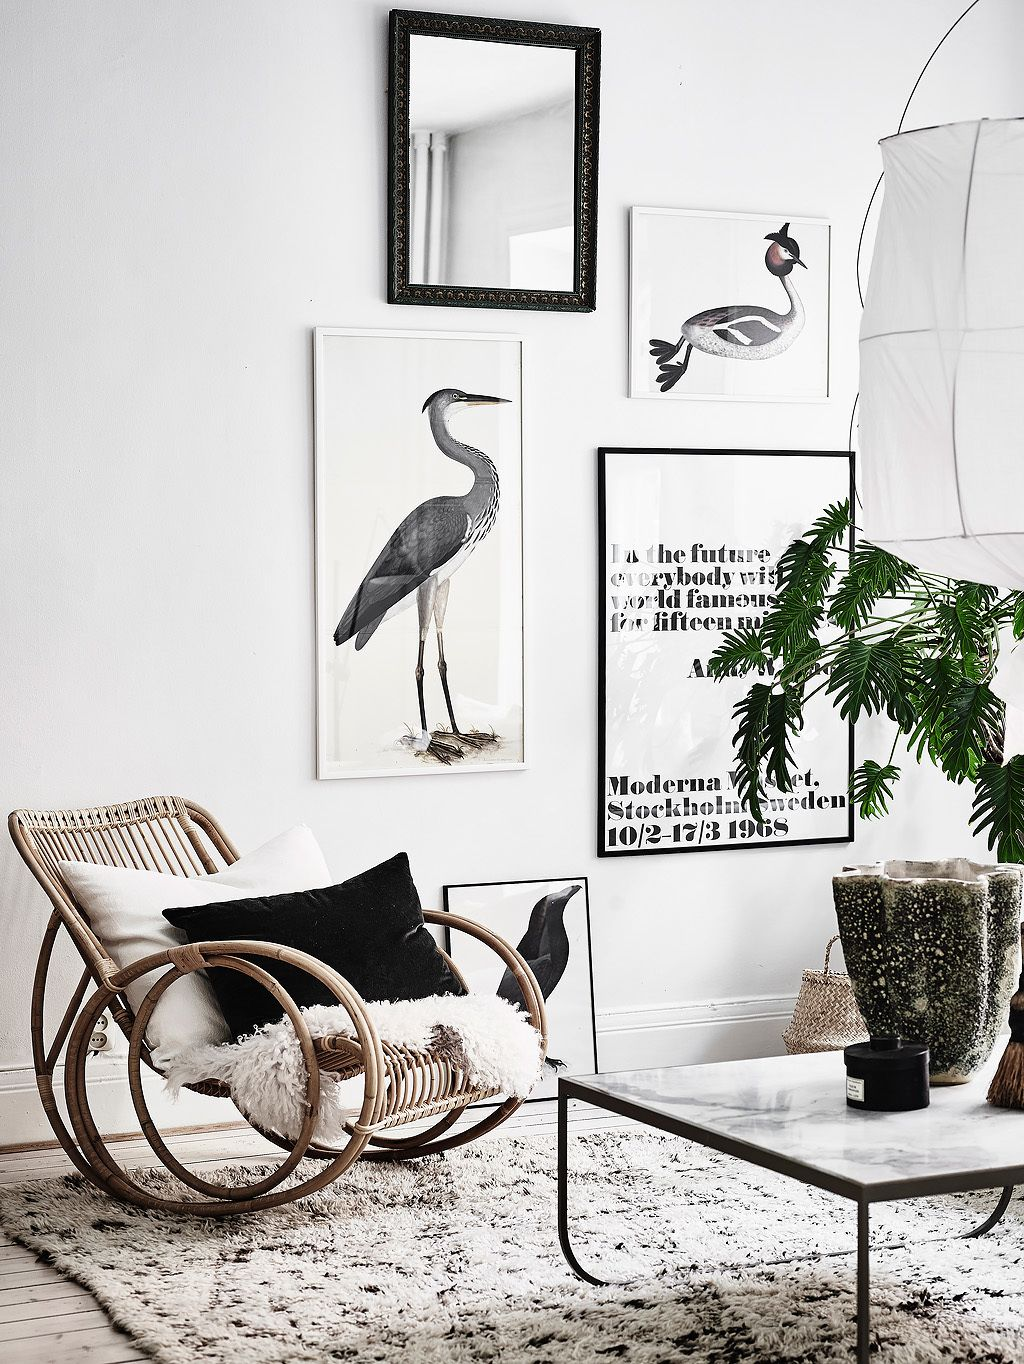 Un site cu si despre amenajari interioare design de interior decoratiuni interioare piese de mobilier si multa inspiratie pentru casa ta